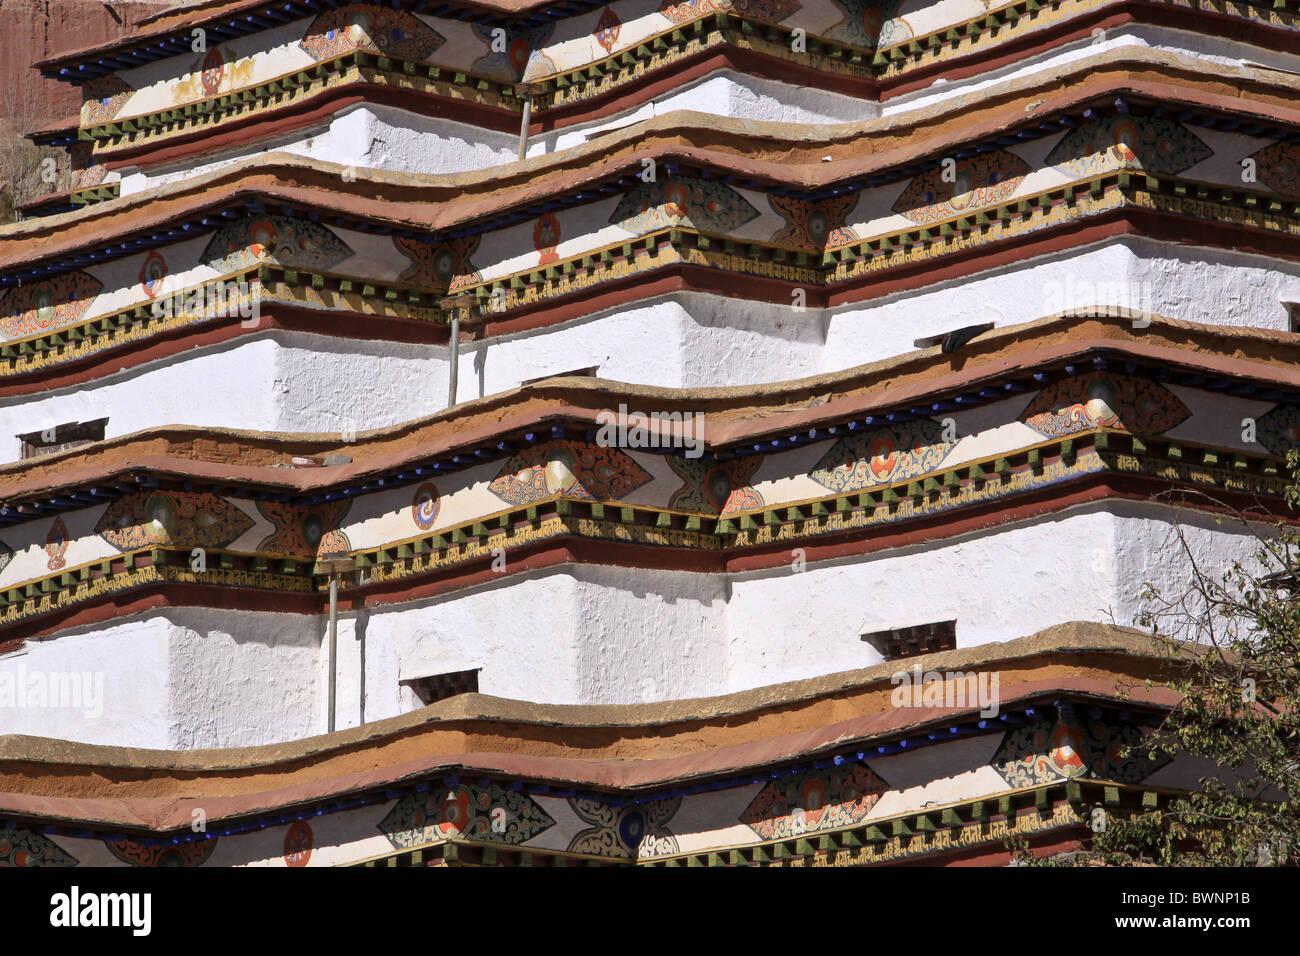 Kumbum Stupa in Gyantse Tibet - Stock Image